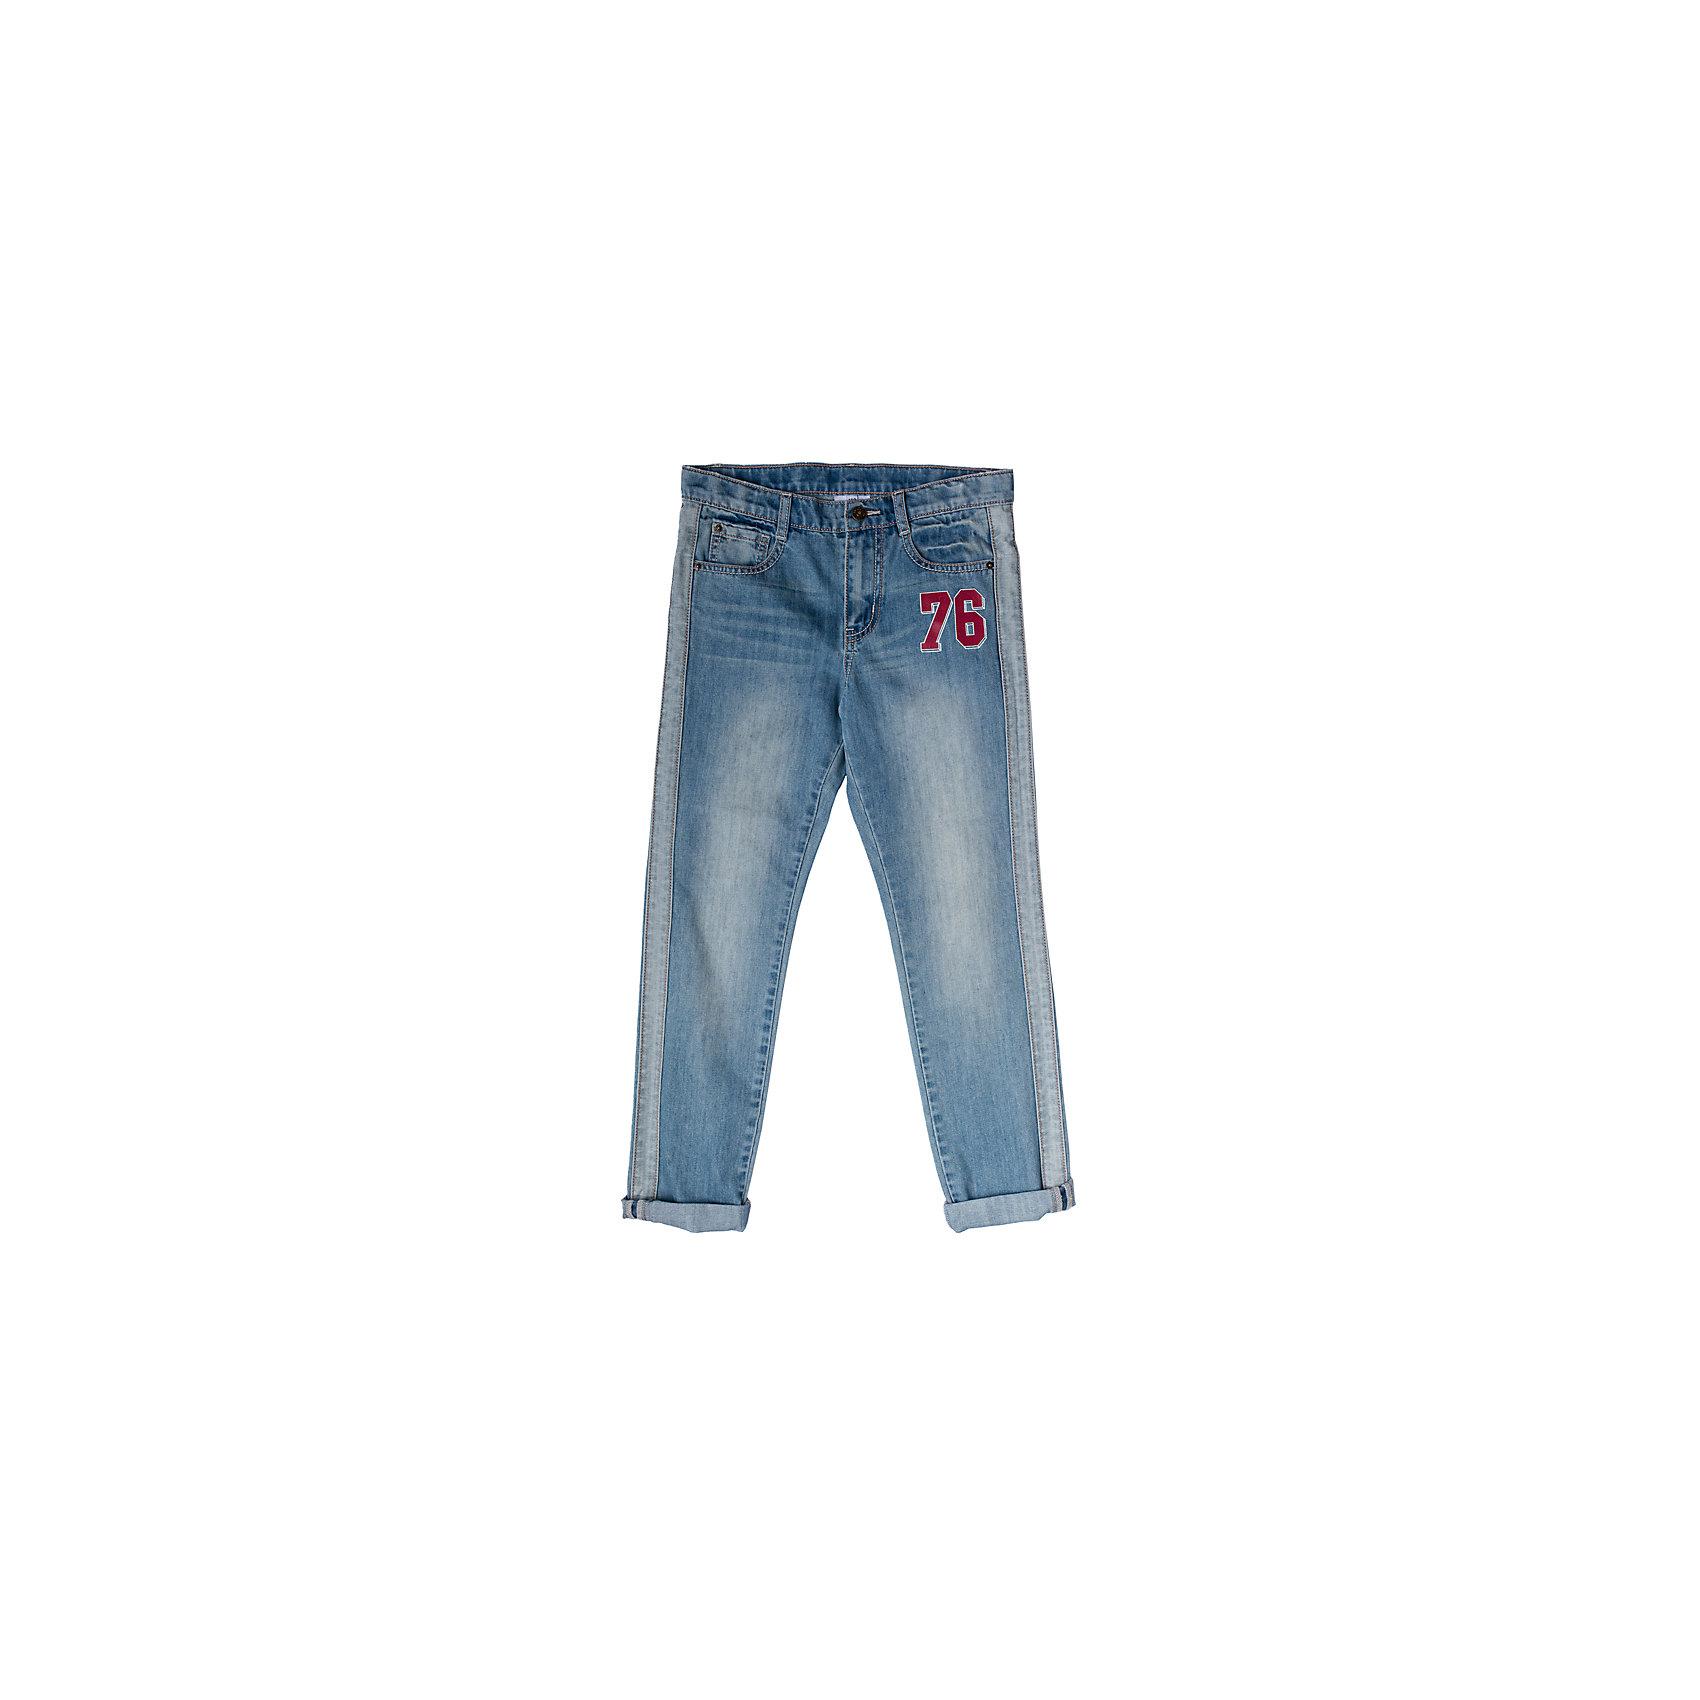 Джинсы для мальчика ScoolДжинсы<br>Характеристики товара:<br><br>• цвет: синий<br>• состав: 80% хлопок, 20% полиэстер<br>• классический силуэт<br>• модель со шлёвками<br>• карманы <br>• эффект потертостей<br>• страна бренда: Германия<br>• страна производства: Китай<br><br>Классические джинсы для мальчика Scool. Джинсы из натурального хлопка прекрасно подойдут ребенку для отдыха и прогулок. Мягкая ткань не сковывает движений ребенка. Джинсы с эффектом потертости, декорированы швами с контрасными нитями. Добавление в хлопок эластана позволяют брюкам сесть по фигуре.<br><br>Джинсы для мальчика от известного бренда Scool можно купить в нашем интернет-магазине.<br><br>Ширина мм: 215<br>Глубина мм: 88<br>Высота мм: 191<br>Вес г: 336<br>Цвет: белый<br>Возраст от месяцев: 156<br>Возраст до месяцев: 168<br>Пол: Мужской<br>Возраст: Детский<br>Размер: 164,134,140,146,152,158<br>SKU: 5406585